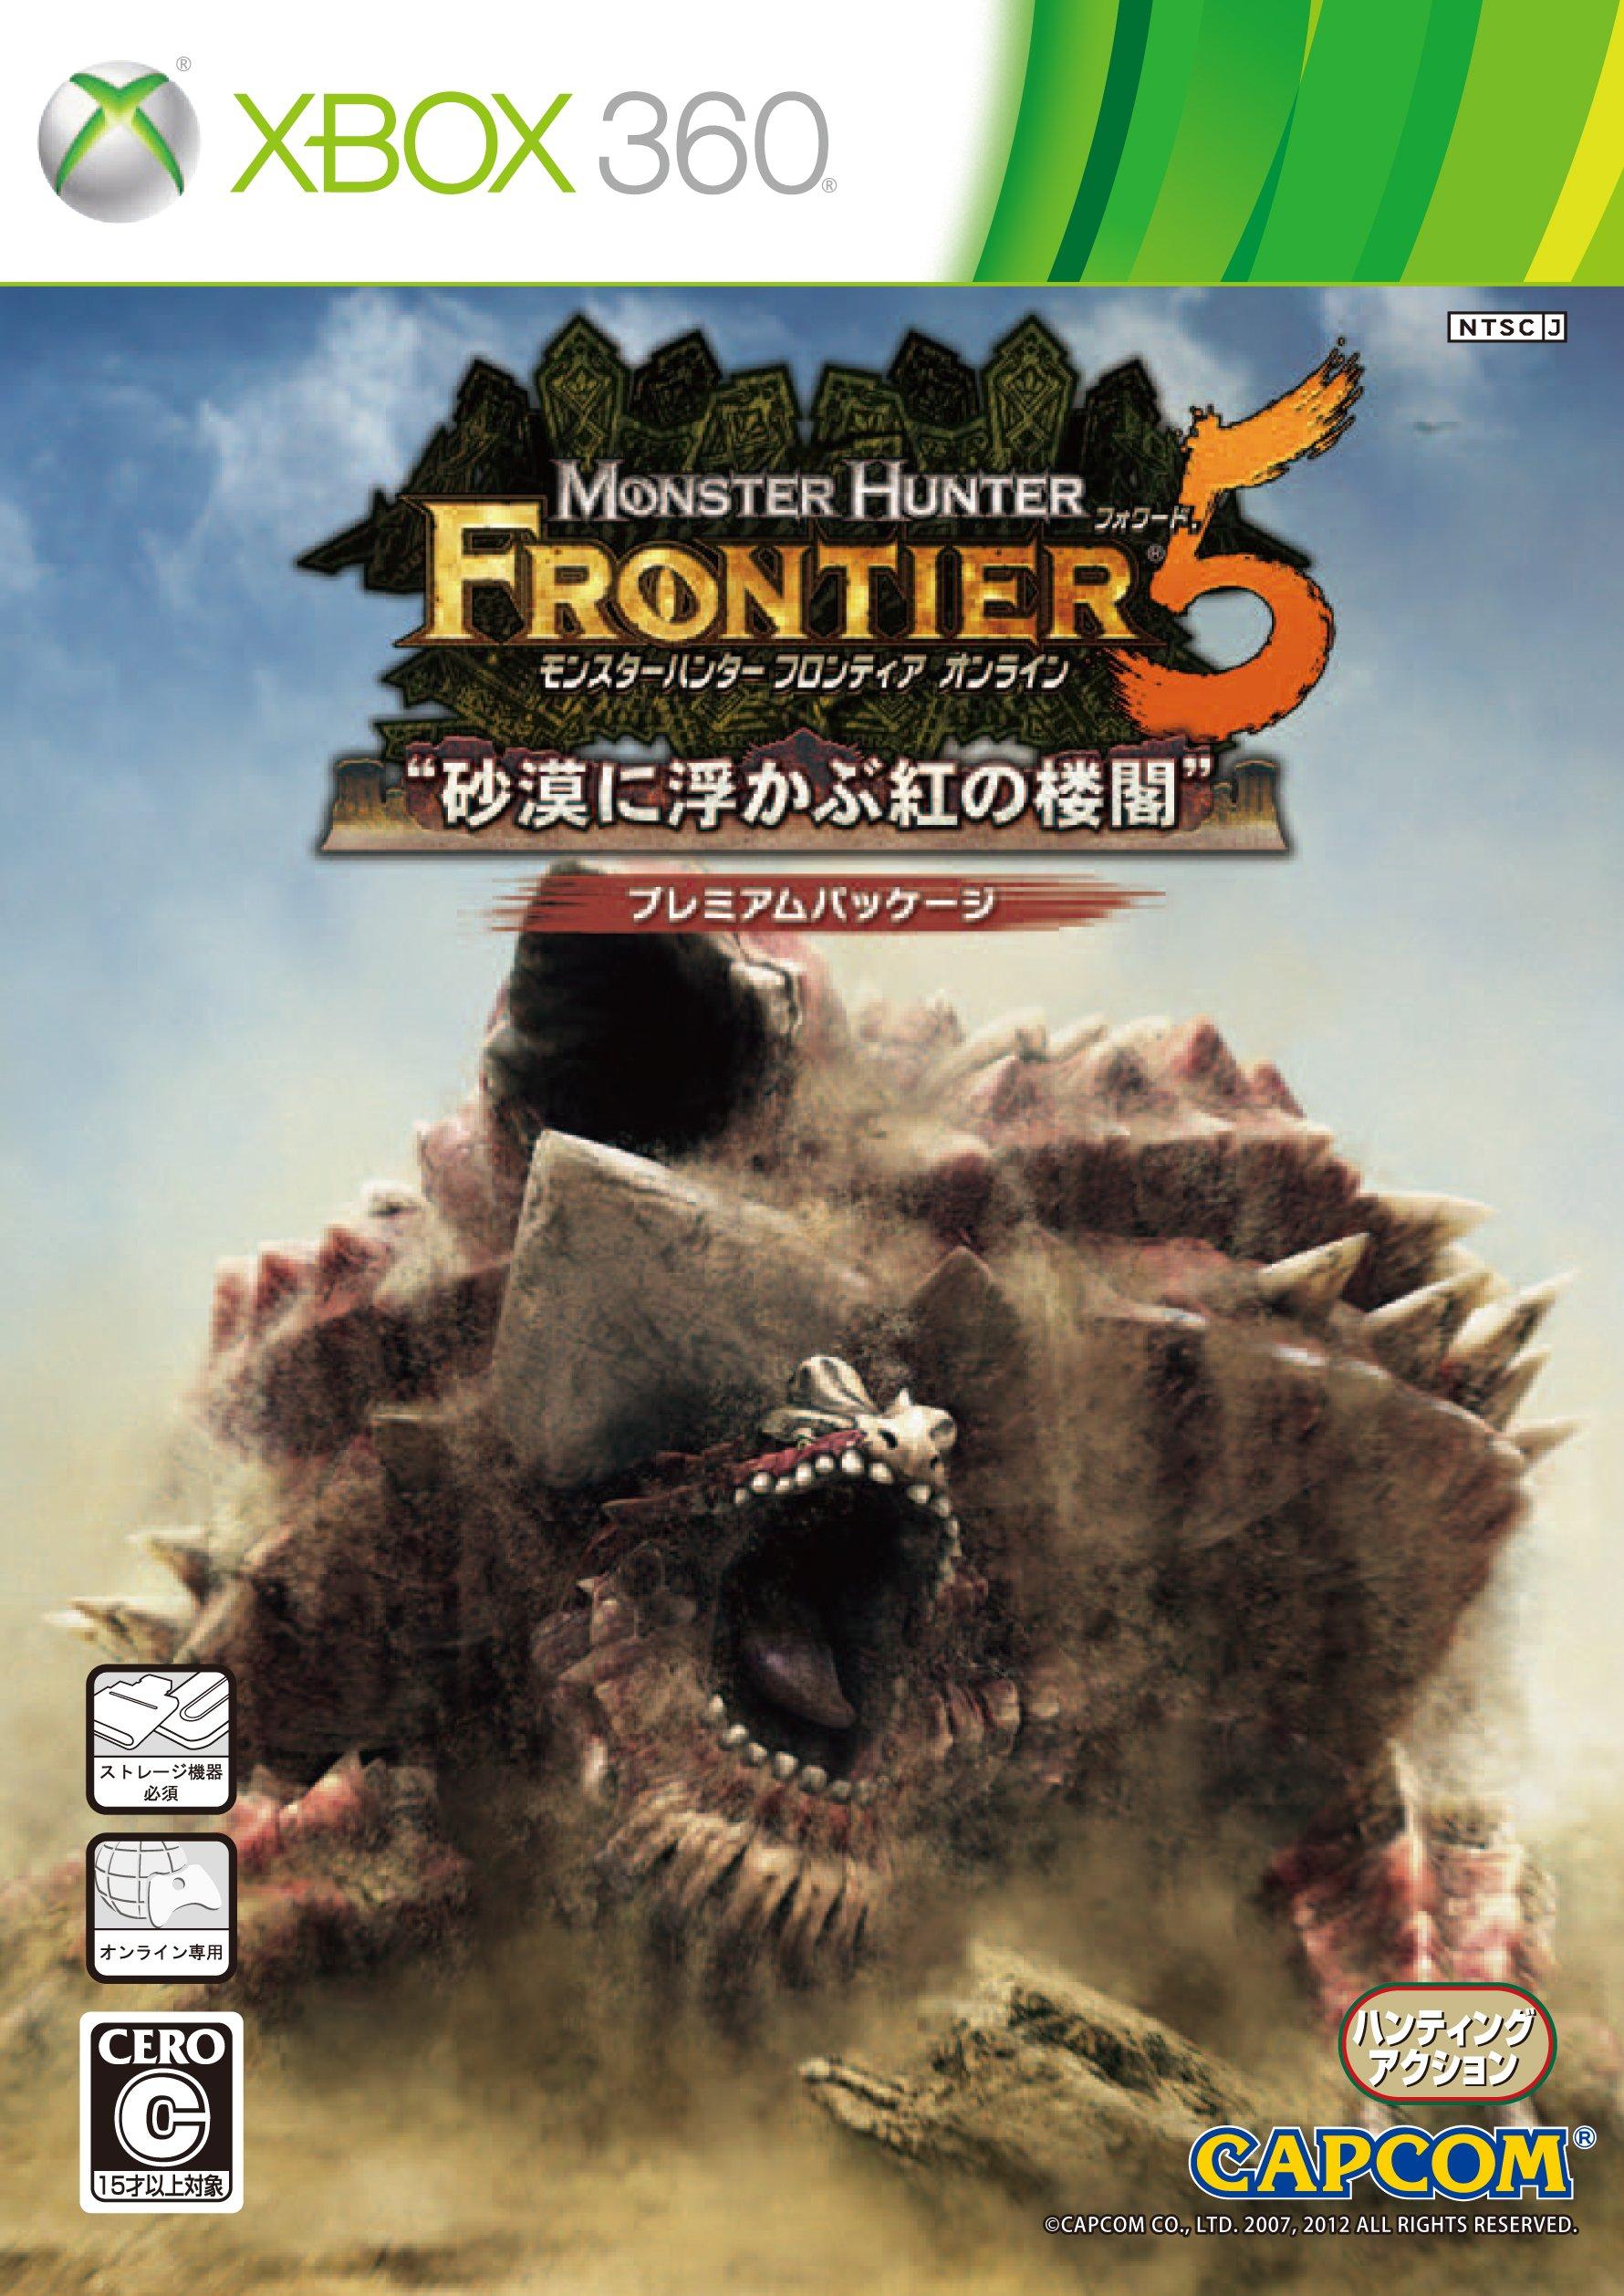 Monster Hunter Frontier for Xbox 360 - GameFAQs